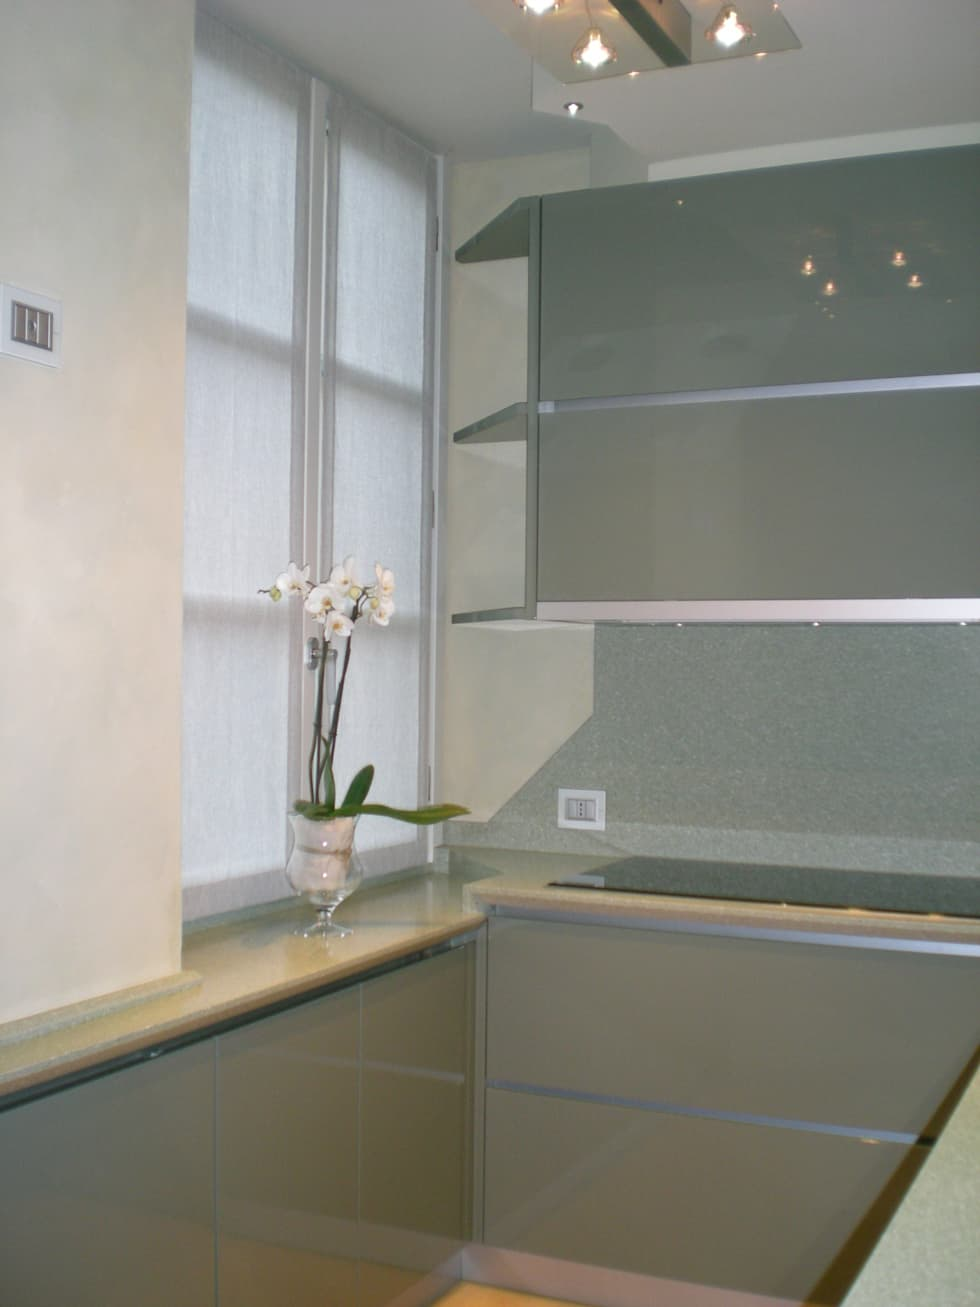 cucina: Cucina in stile in stile Moderno di Studio arch. Orban Agota